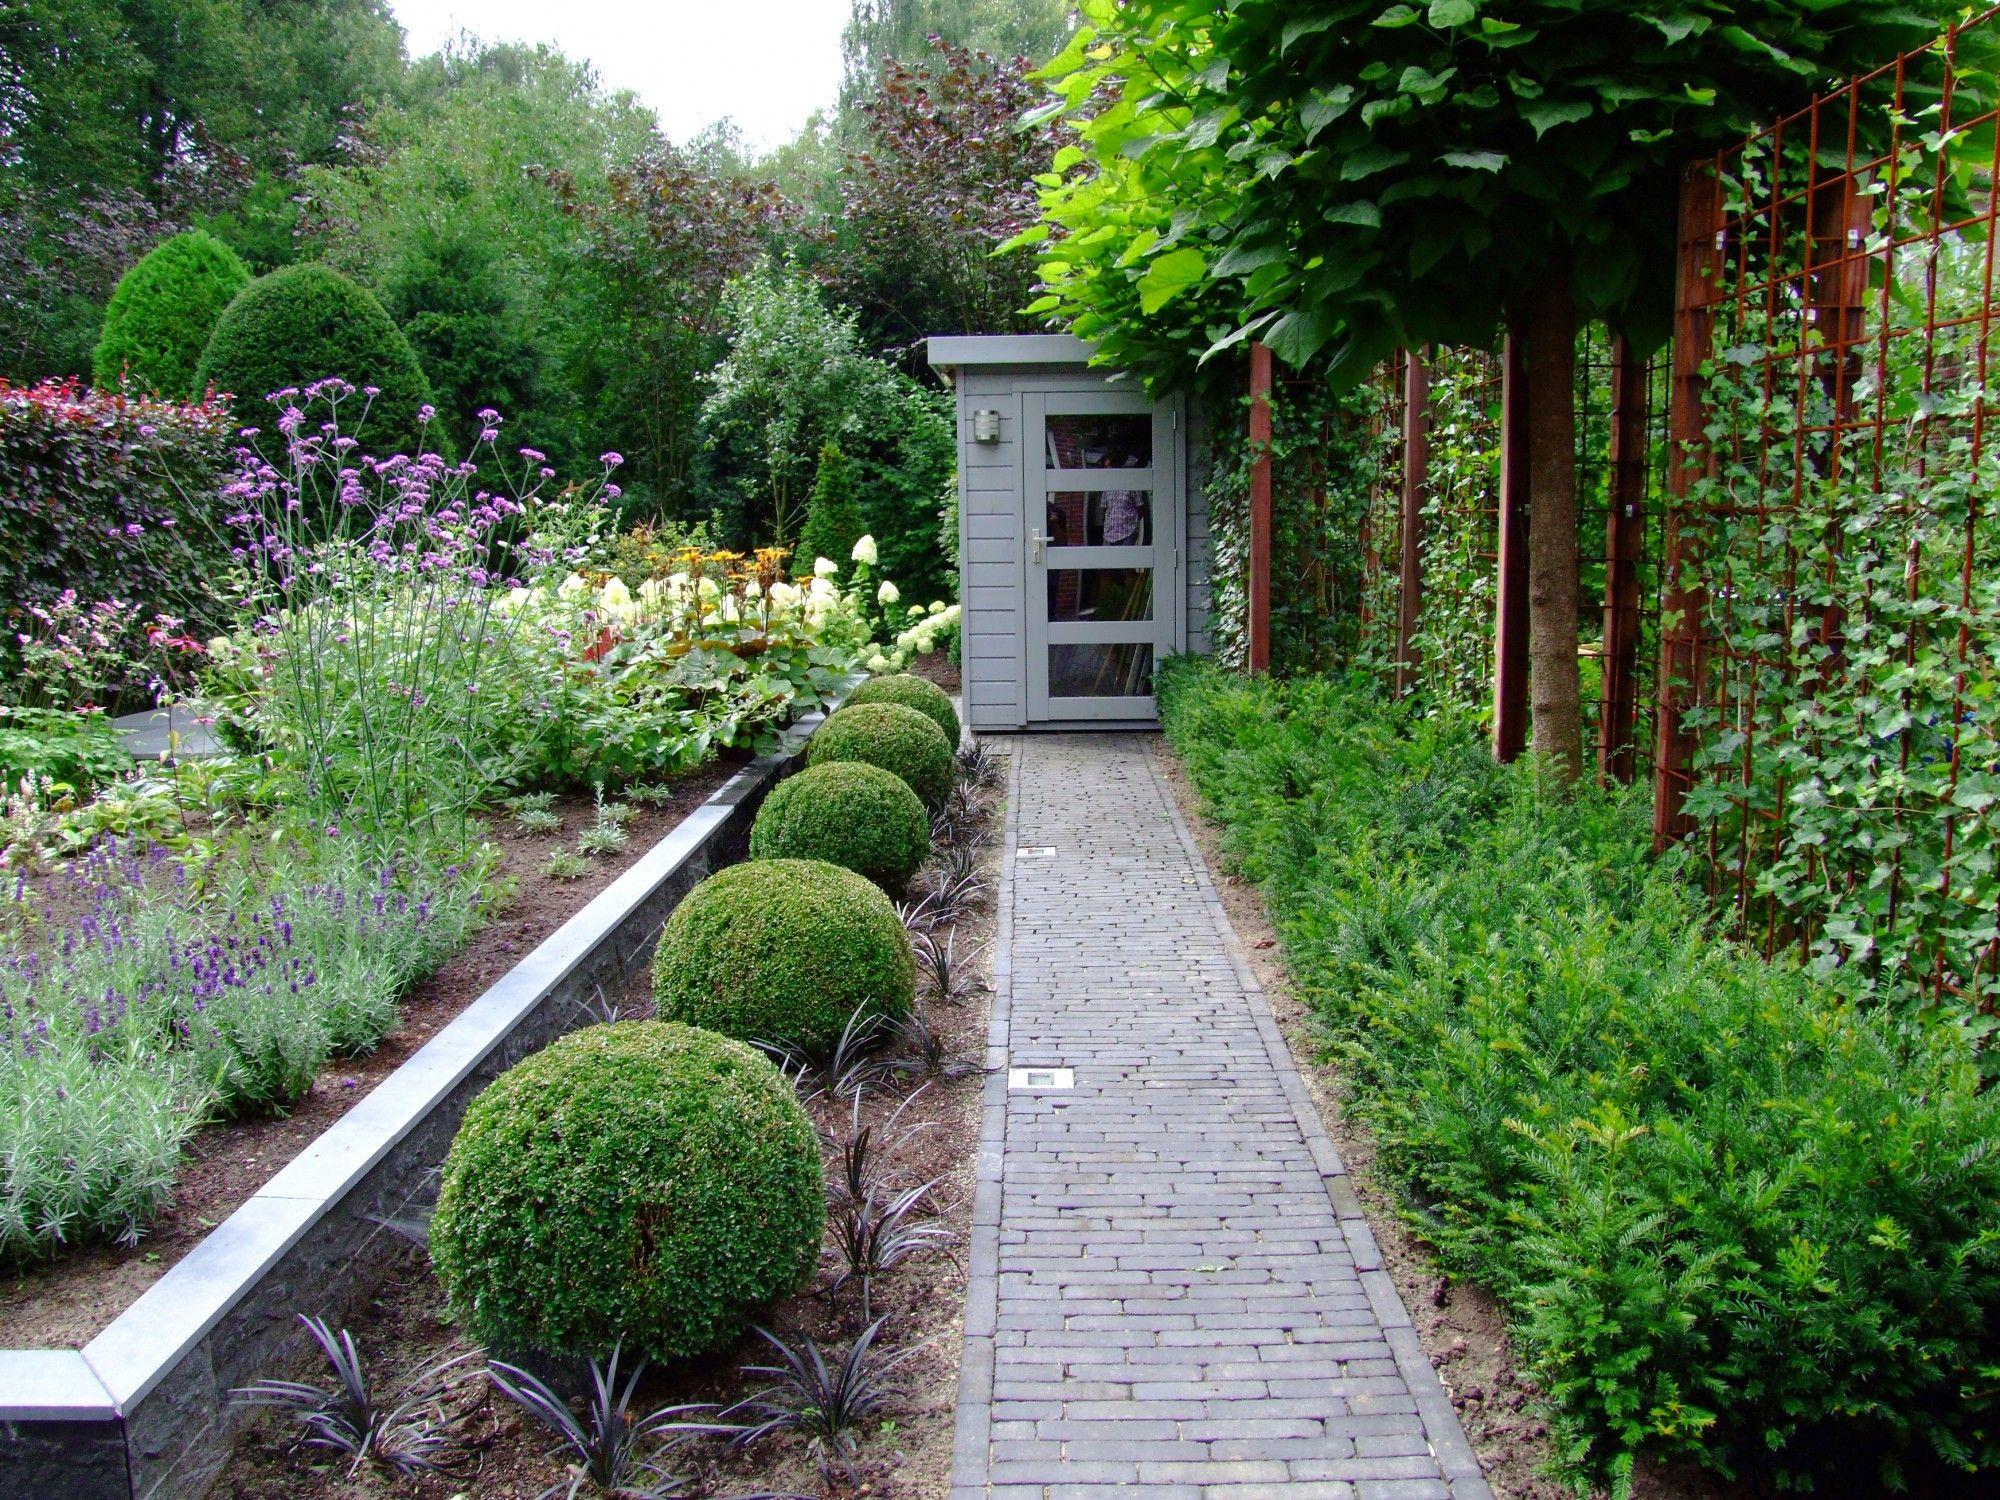 Deze pe tuin aan de achterzijde wordt afgesloten door gemeentegroen wordt gekenmerkt door lange zichtlijnen